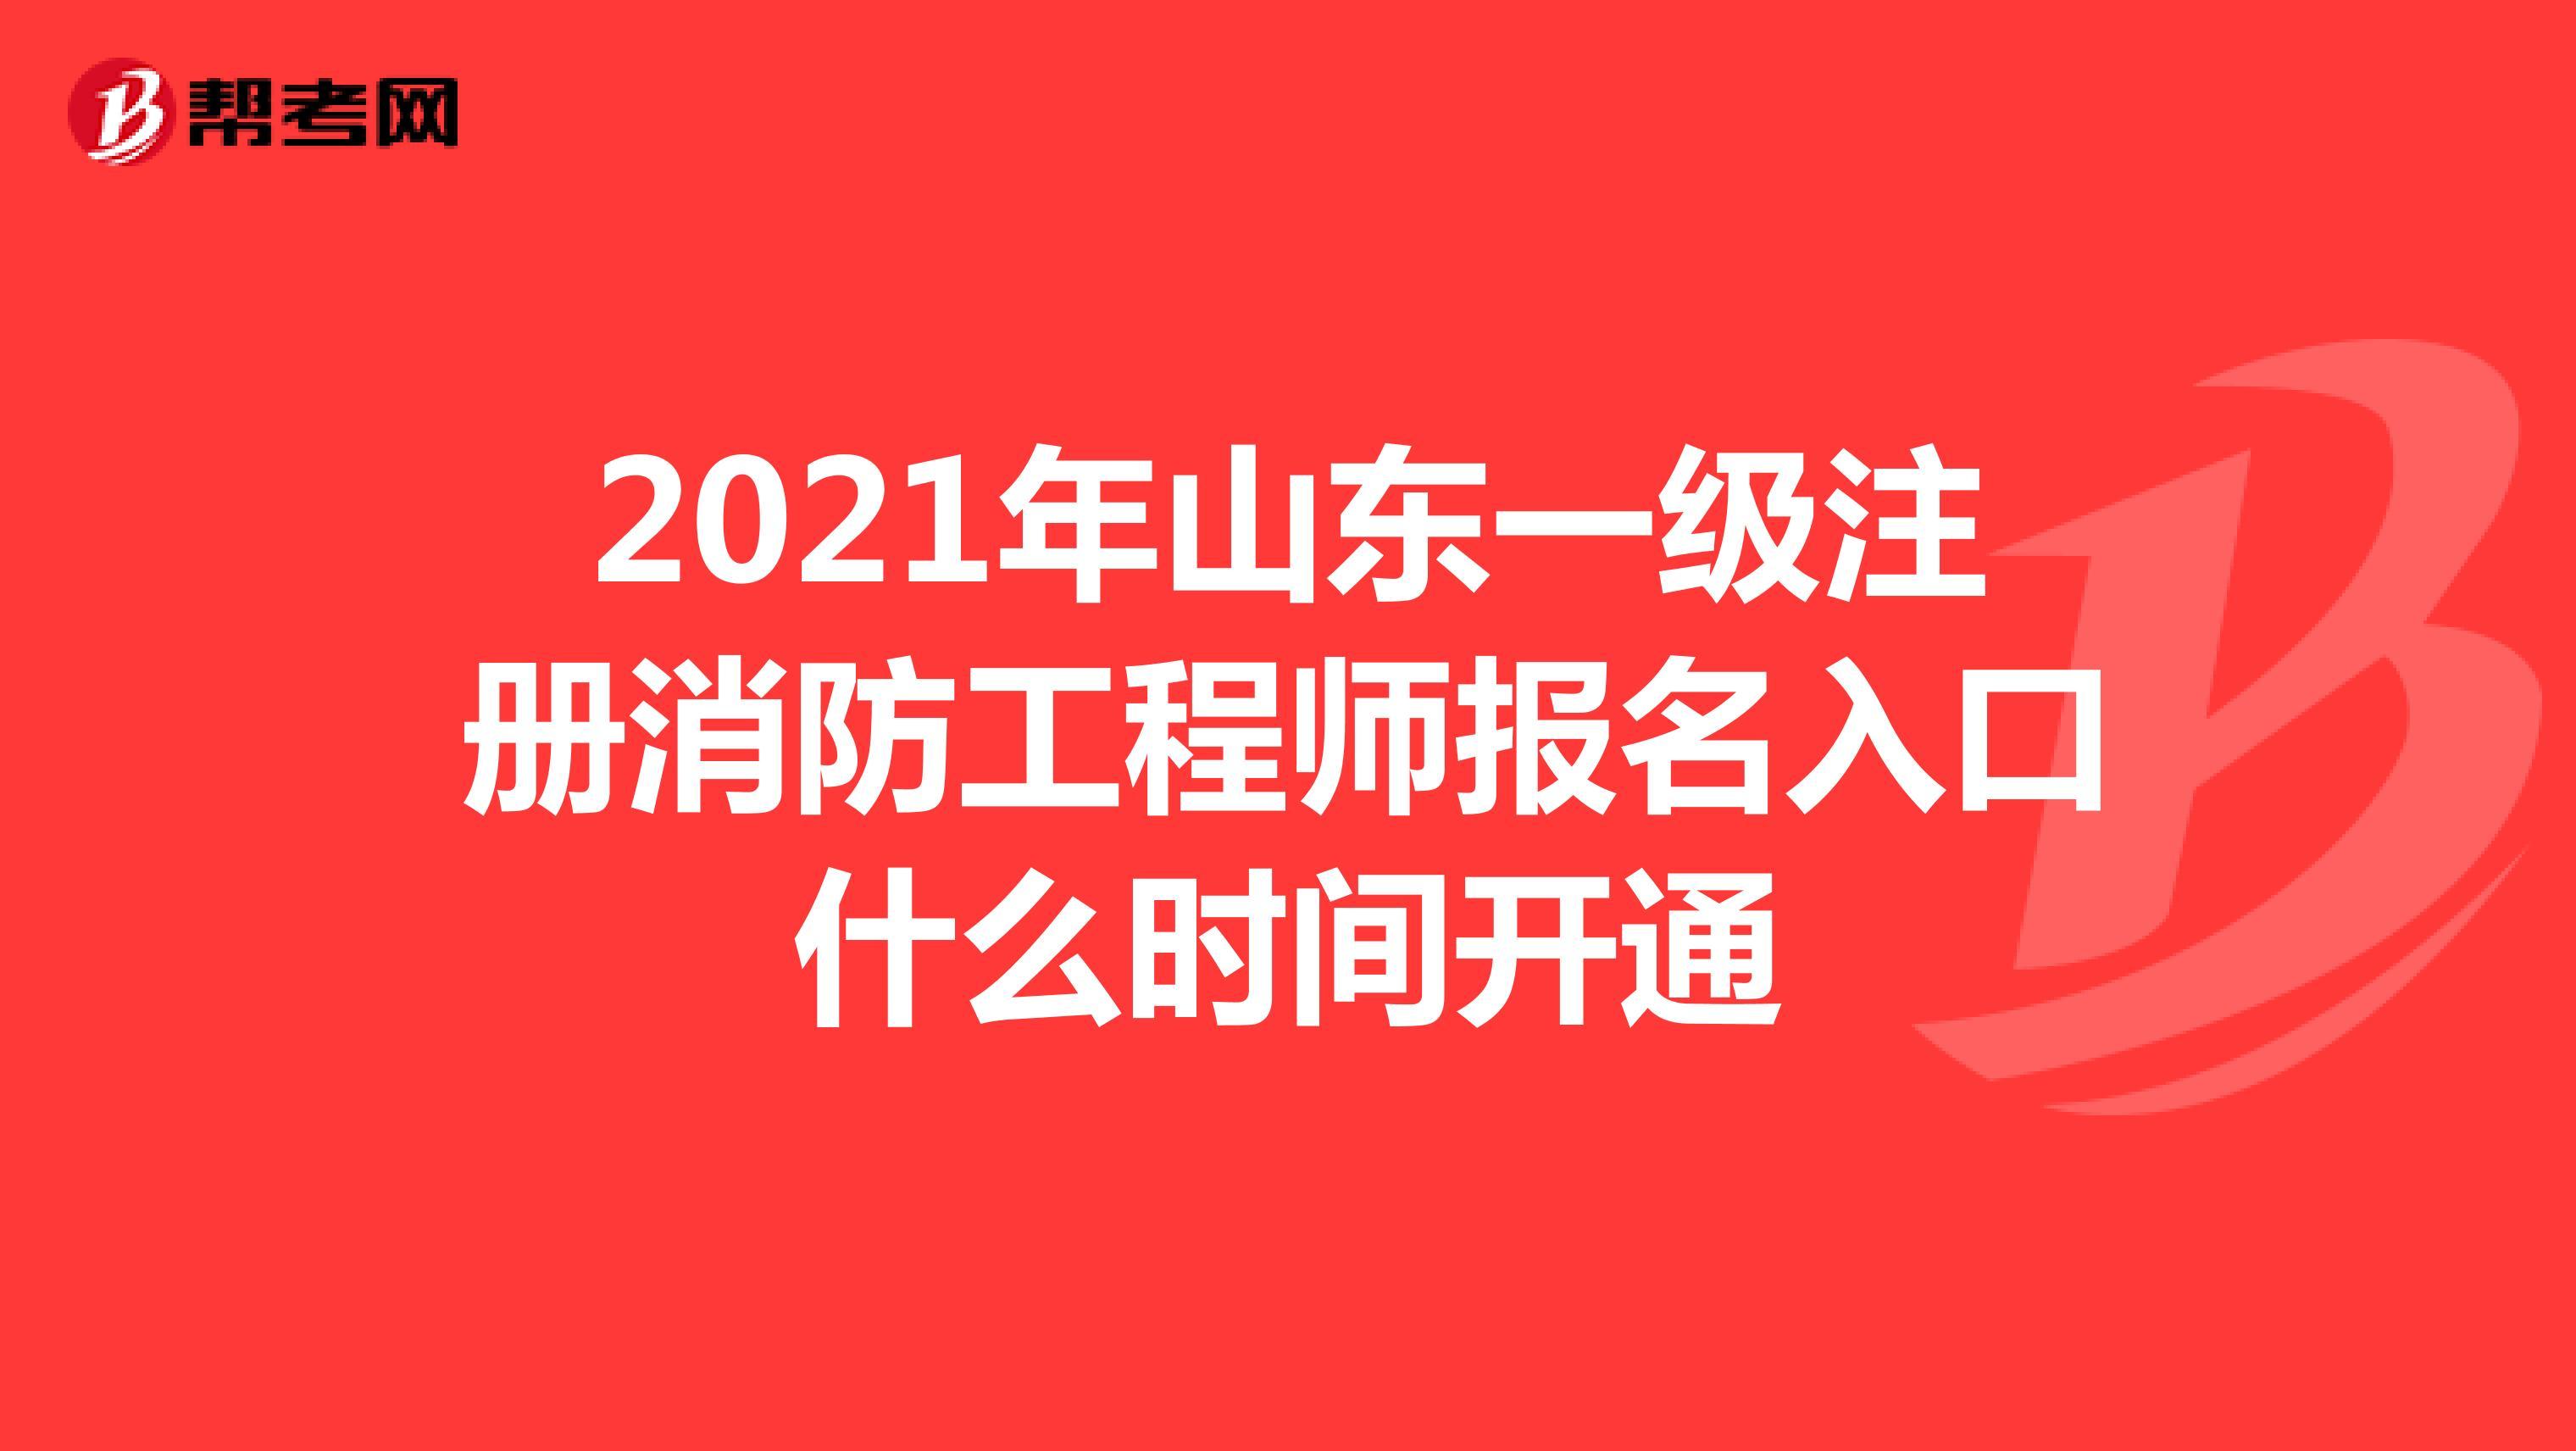 2021年山東一級注冊消防工程師報名入口什么時間開通